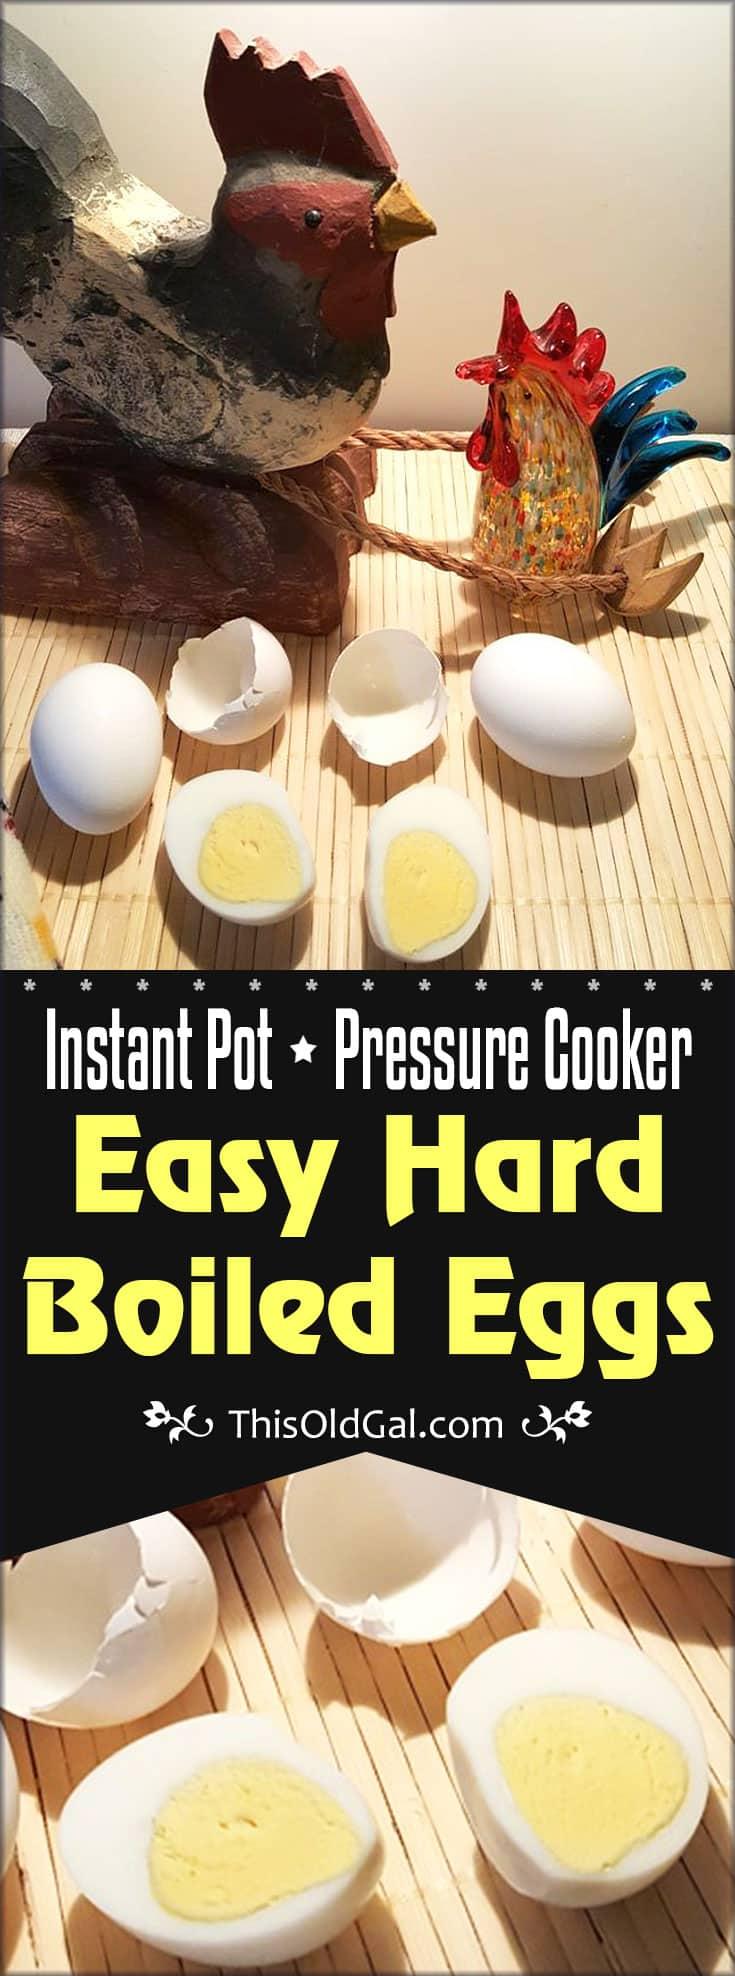 Pressure Cooker Easy Hard Boiled Eggs (Instant Pot)